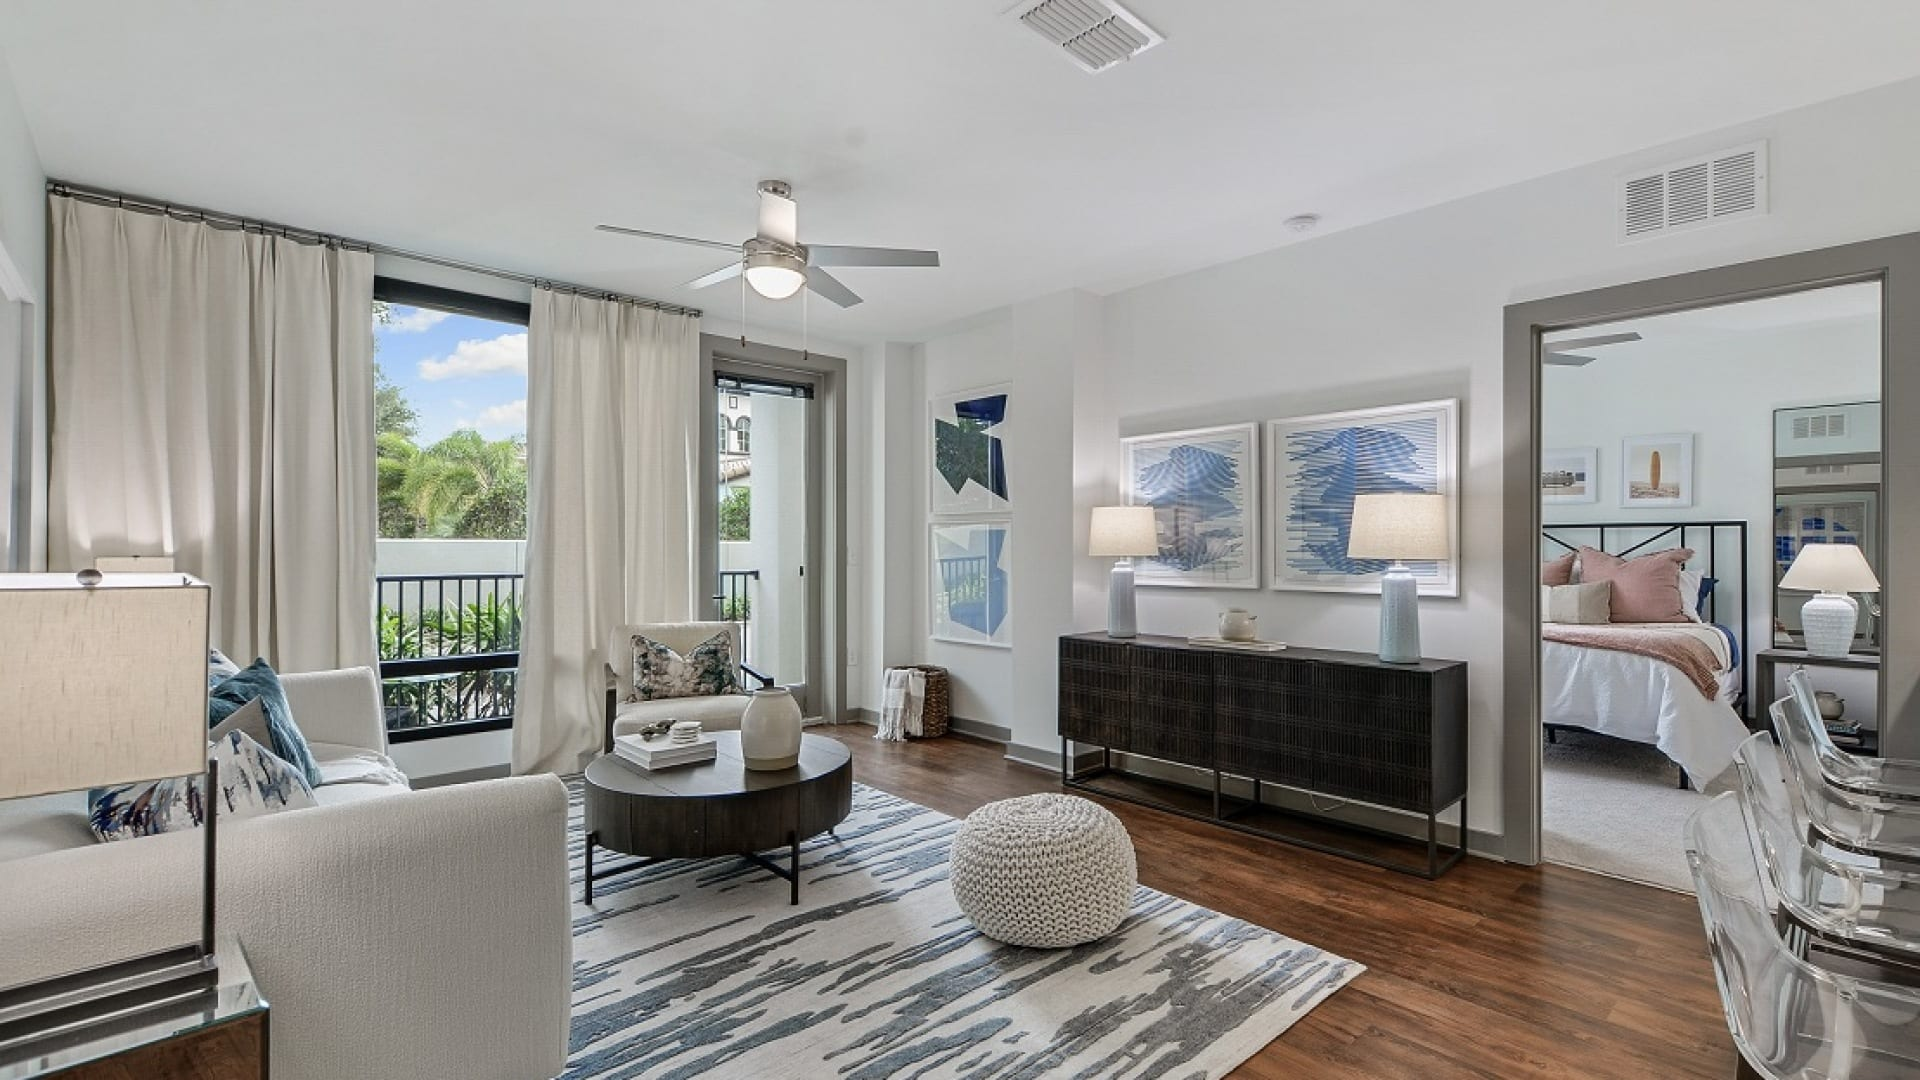 Spacious 2 bedroom apartment floor plan at Cortland Westshore